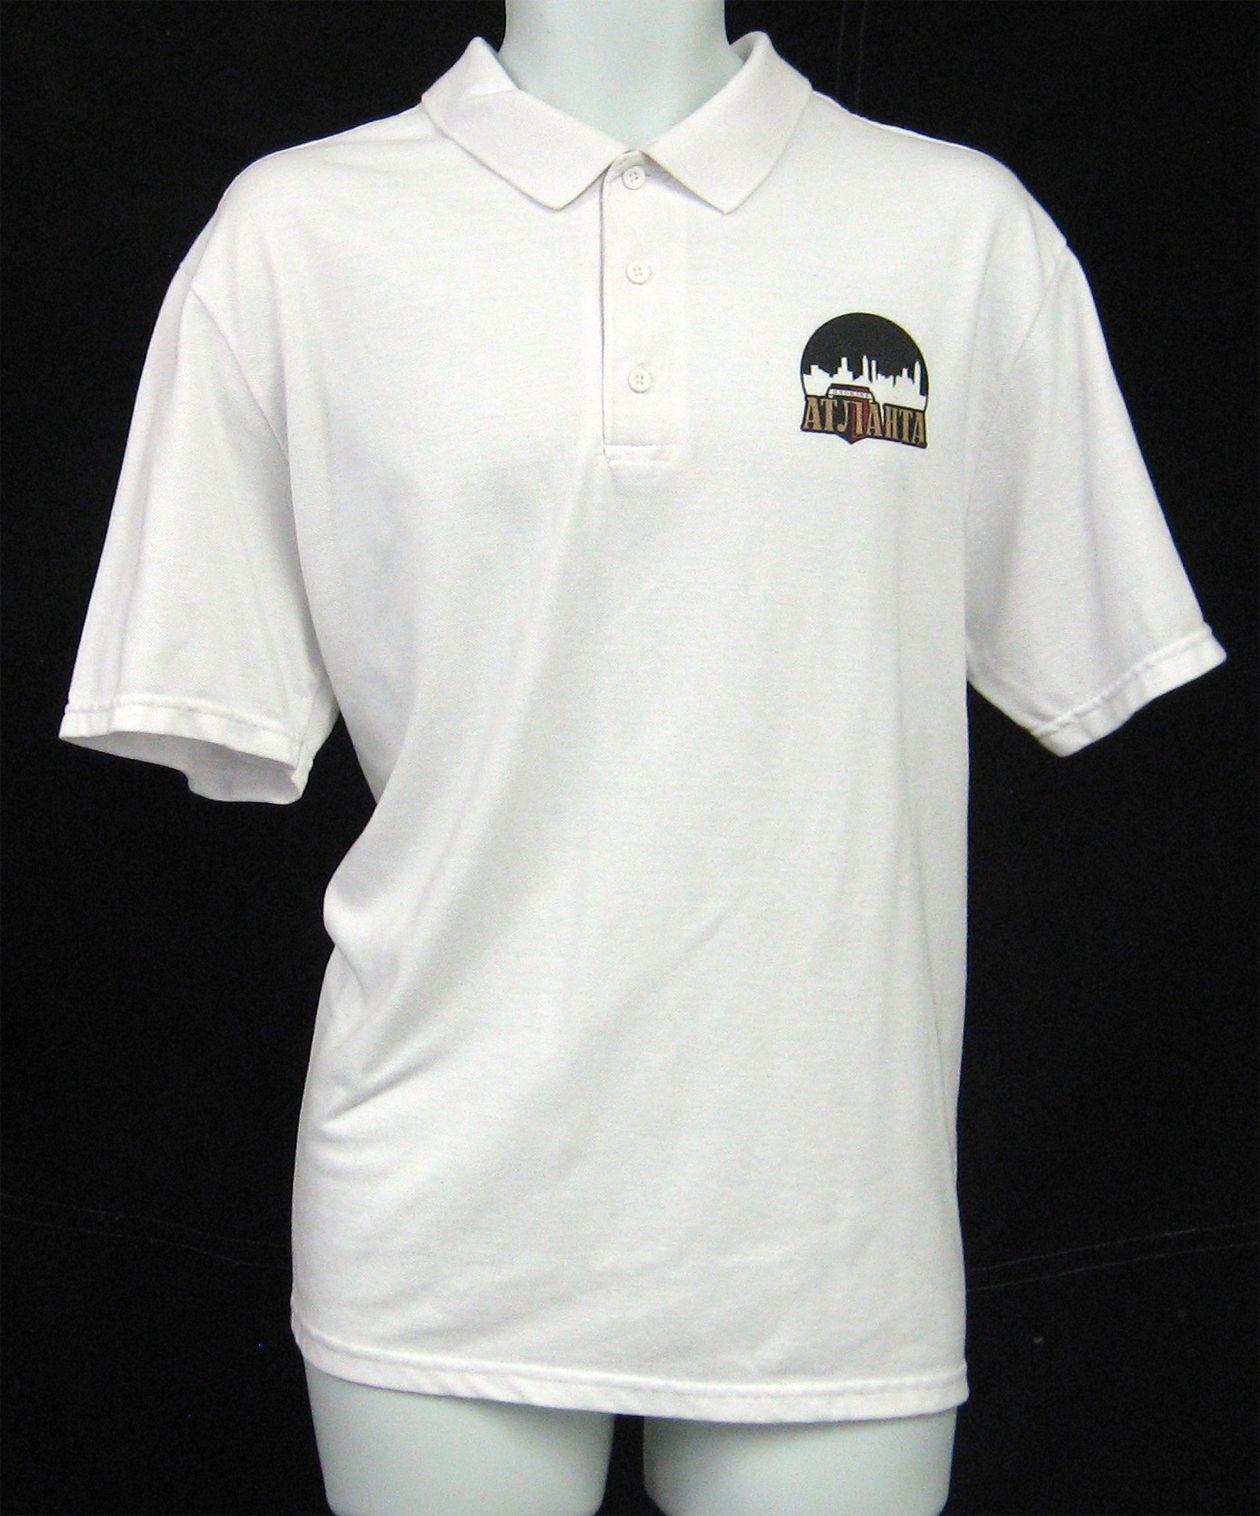 T Shirt Design And Printing Examples Shirts Shirts Shirt